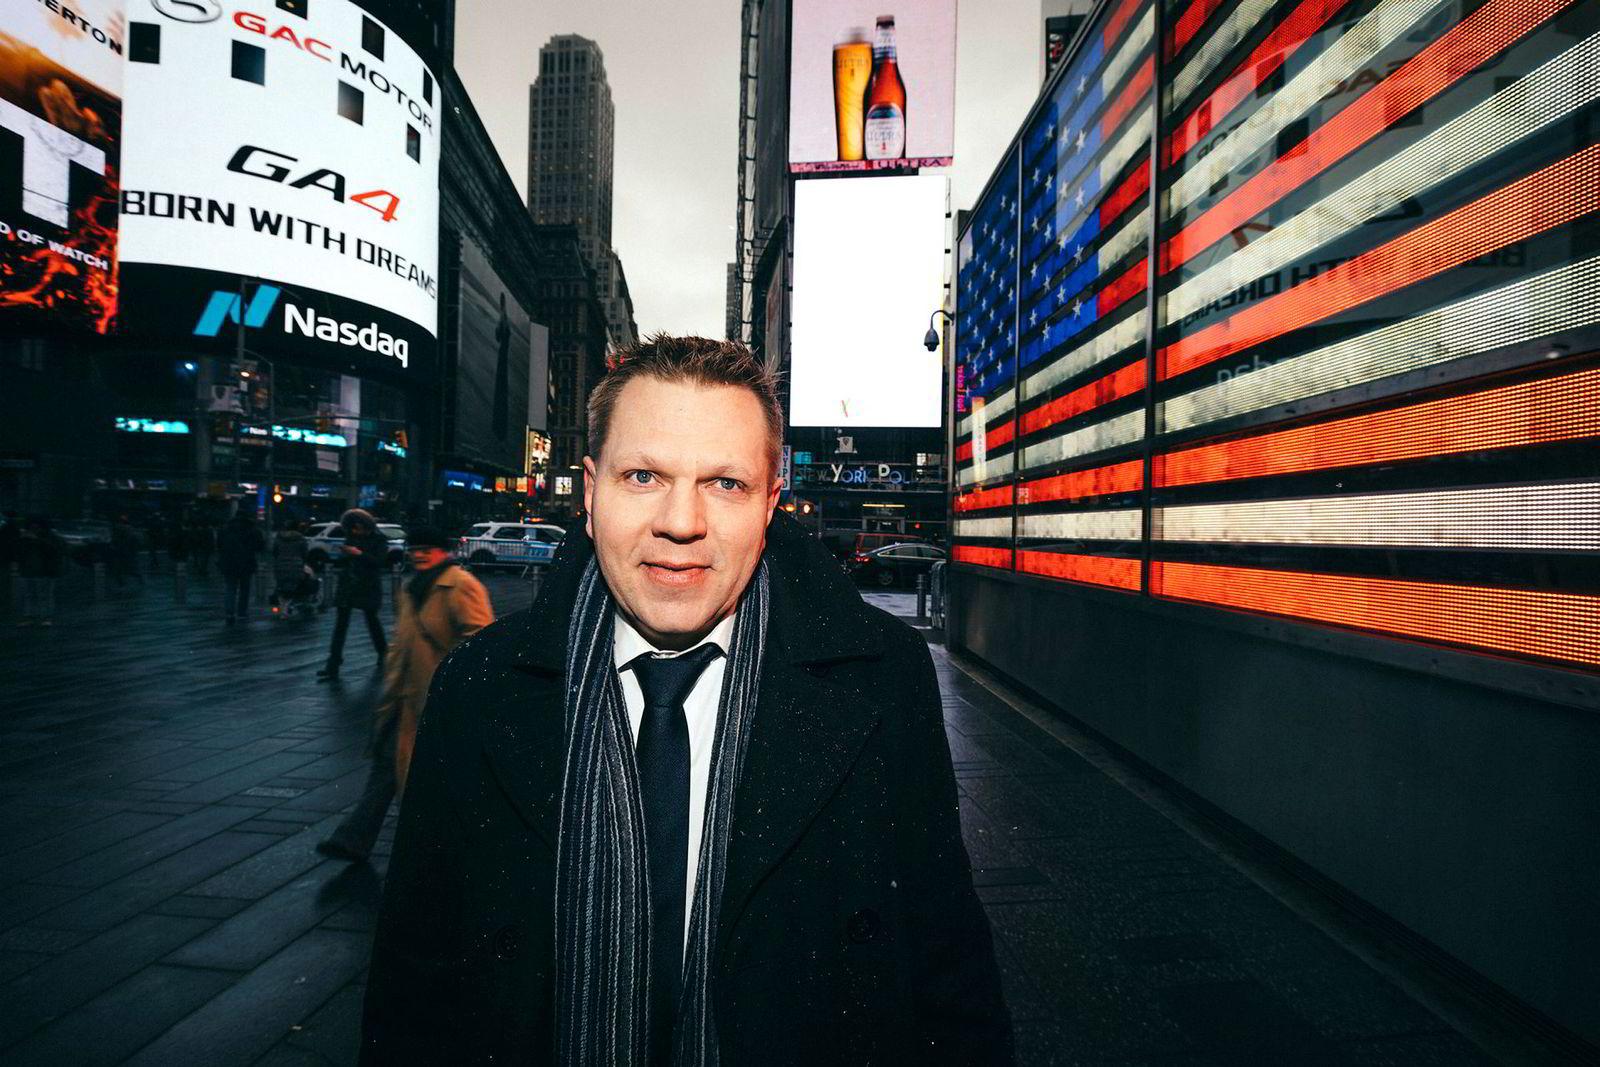 Sjefstrateg Leif-Rune Rein i Nordea er overrasket over svak børsutvikling internasjonalt.